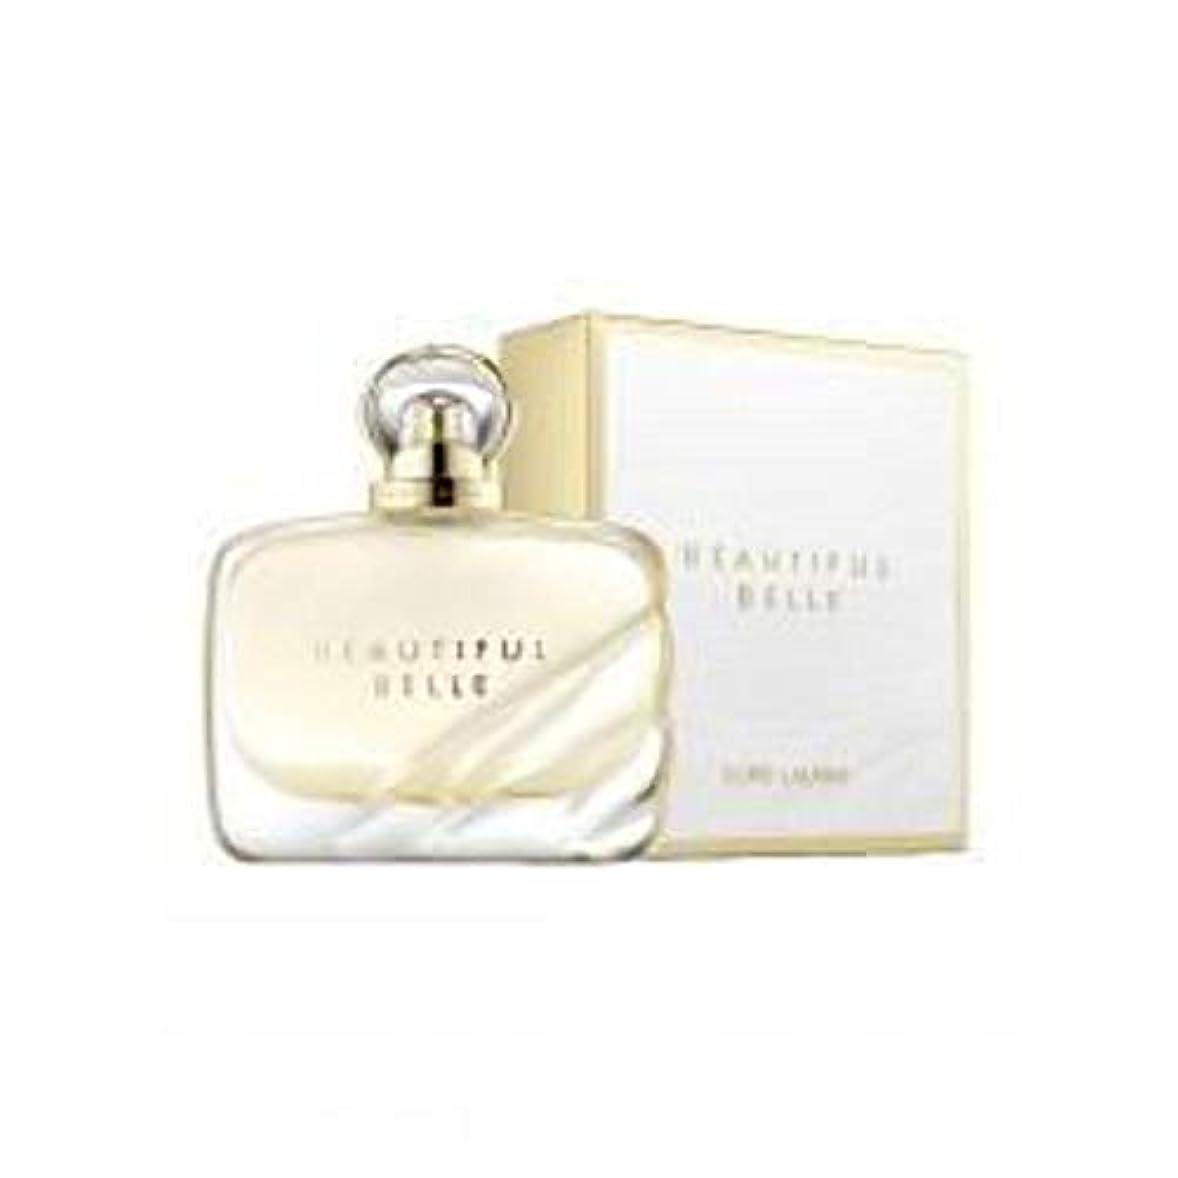 複製抹消プロテスタントEstee Lauder Beautiful Belle 50 ML Eau de Parfum